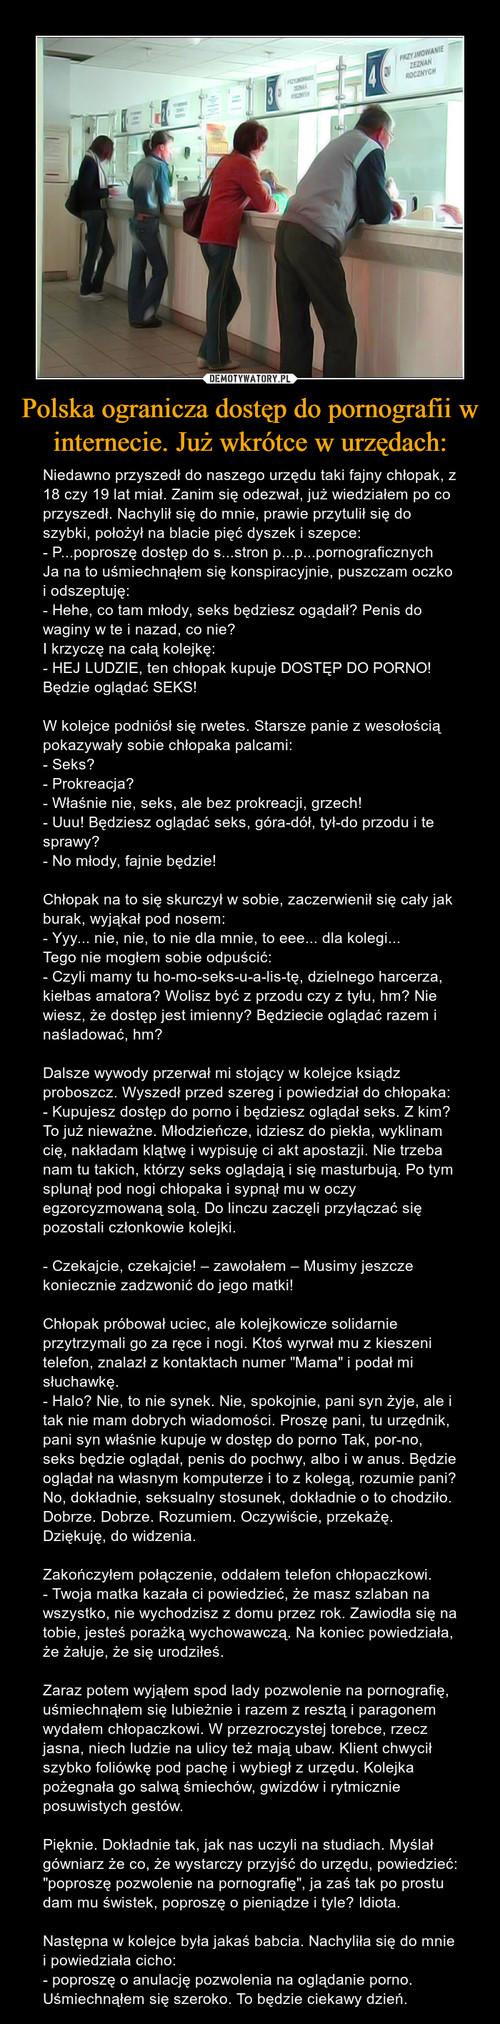 Polska ogranicza dostęp do pornografii w internecie. Już wkrótce w urzędach: